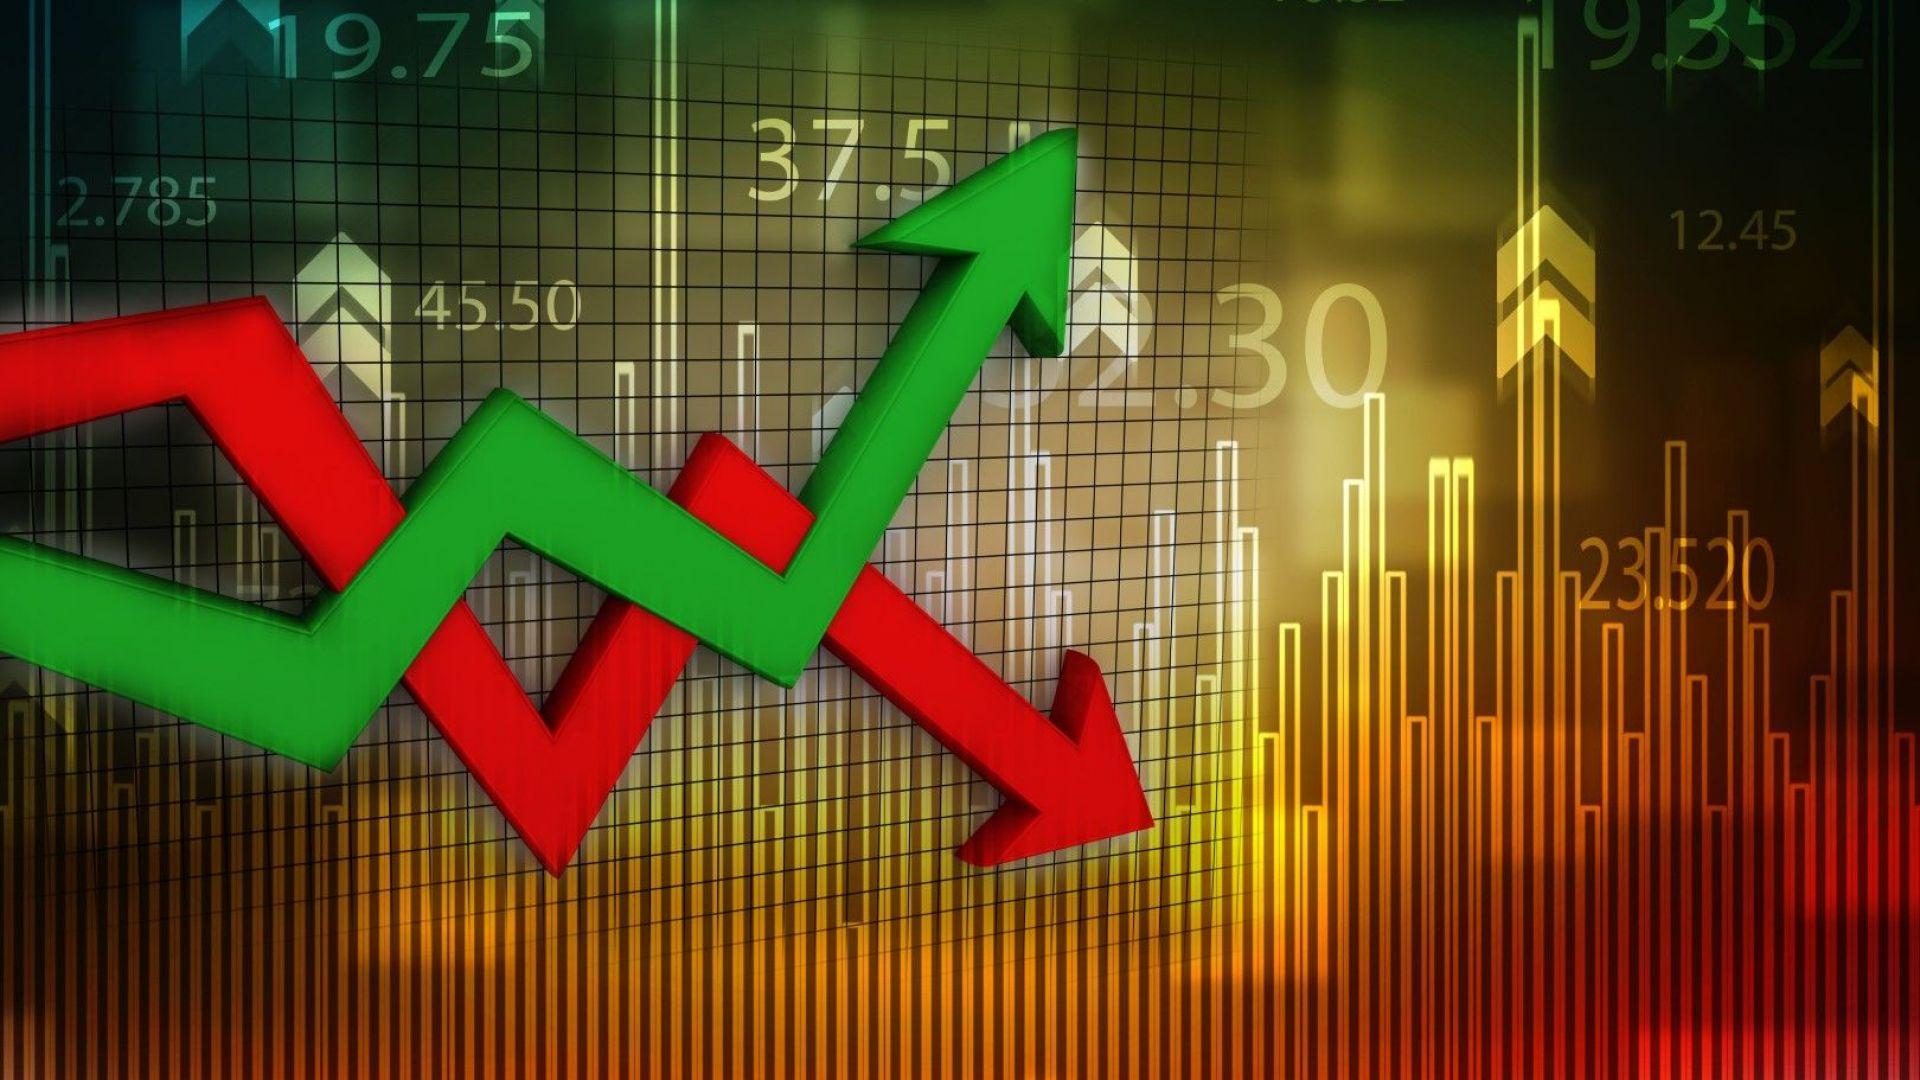 България втора след Румъния с най-висока инфлация - 3,7%